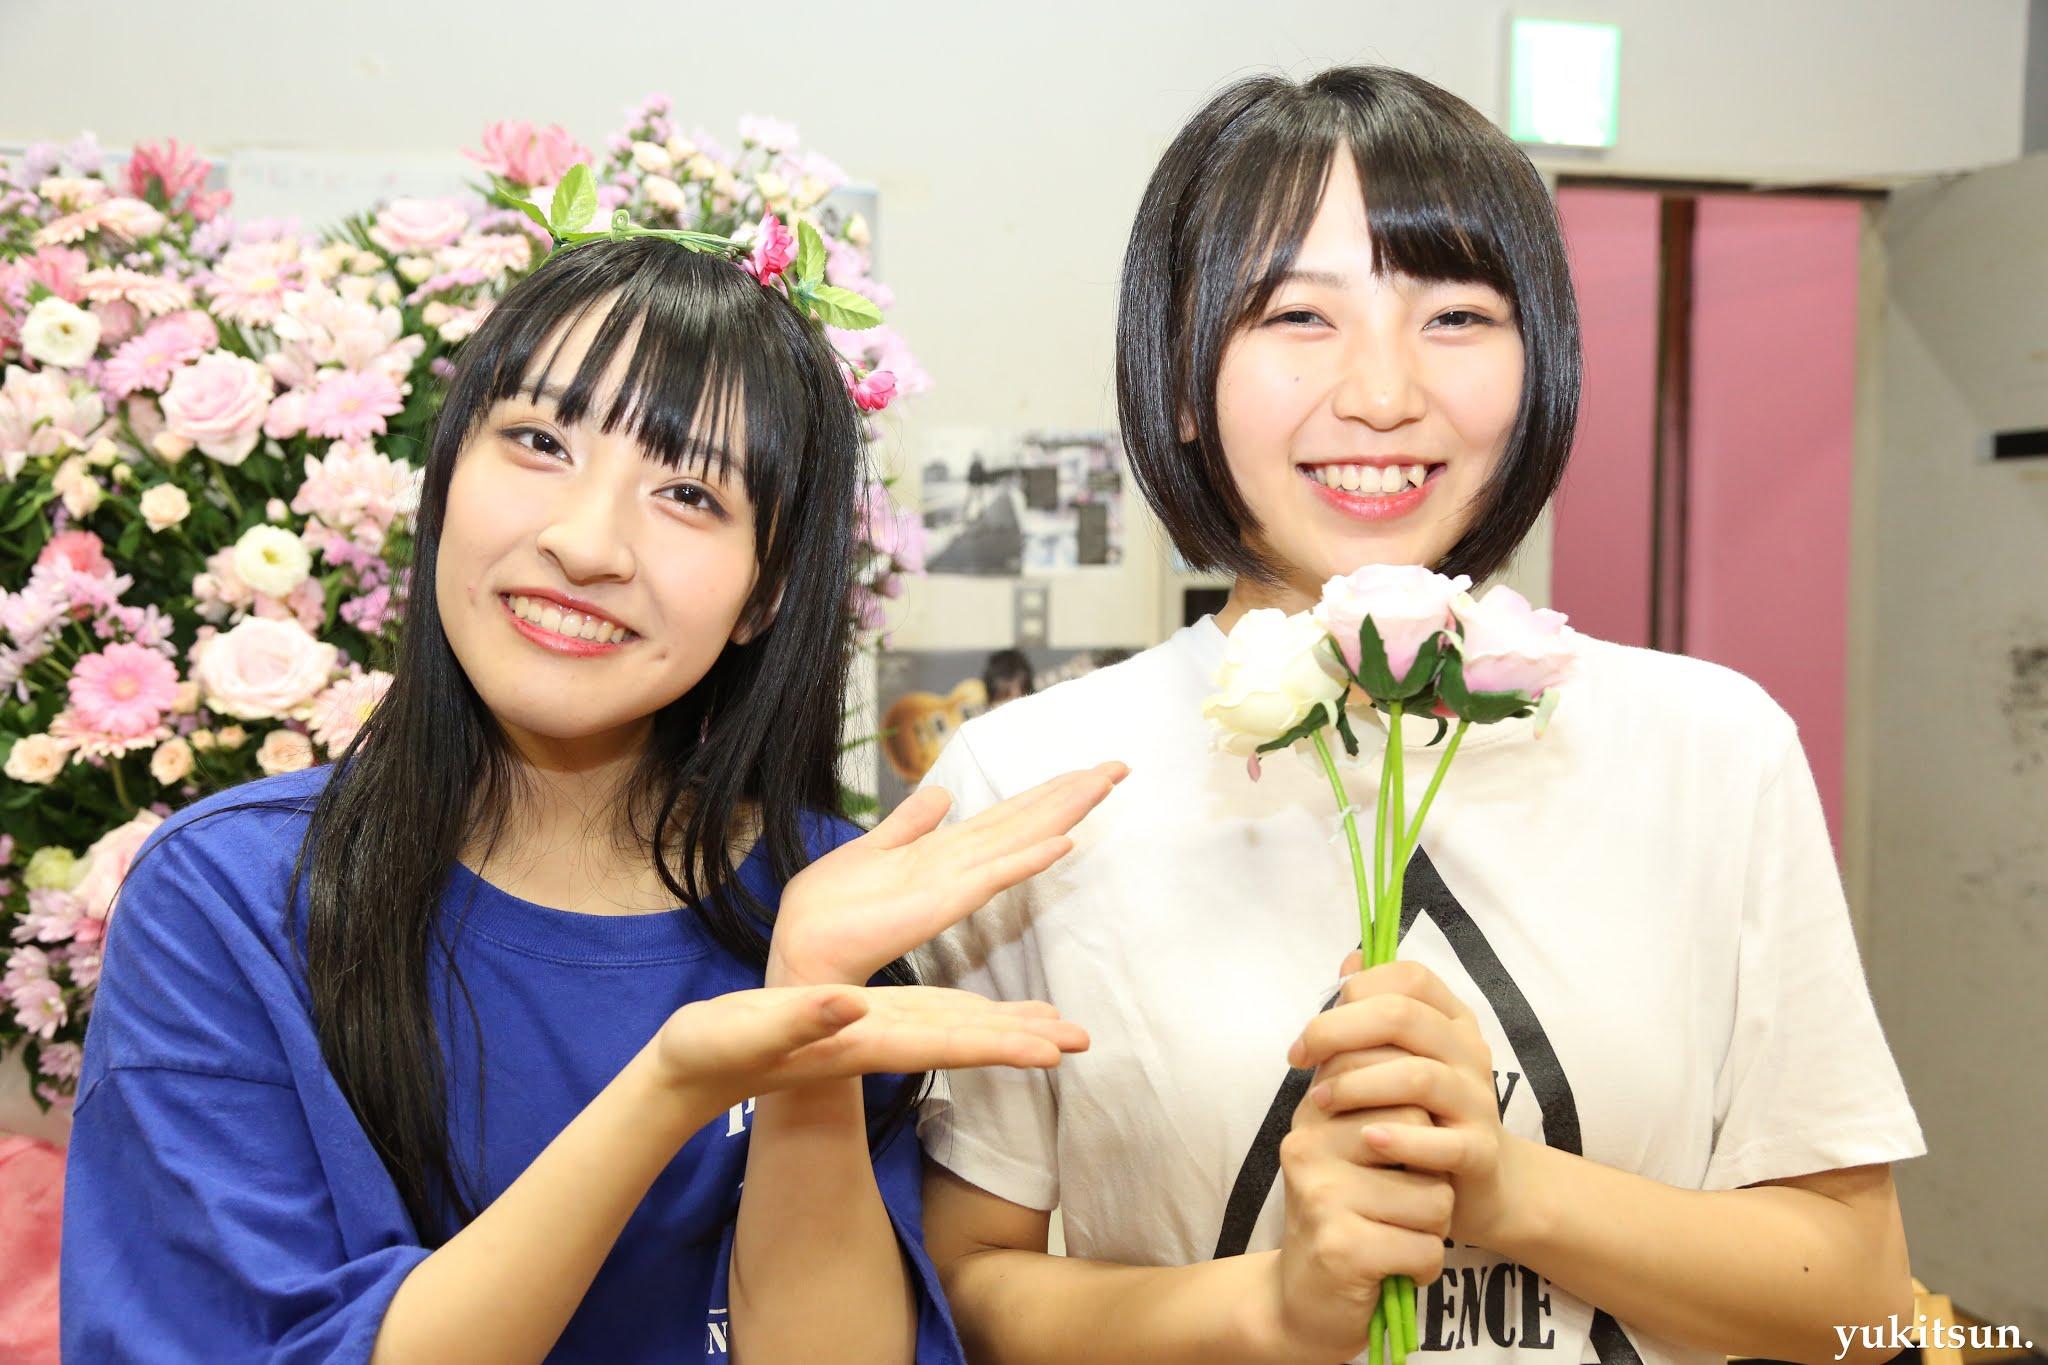 yamazaki-15